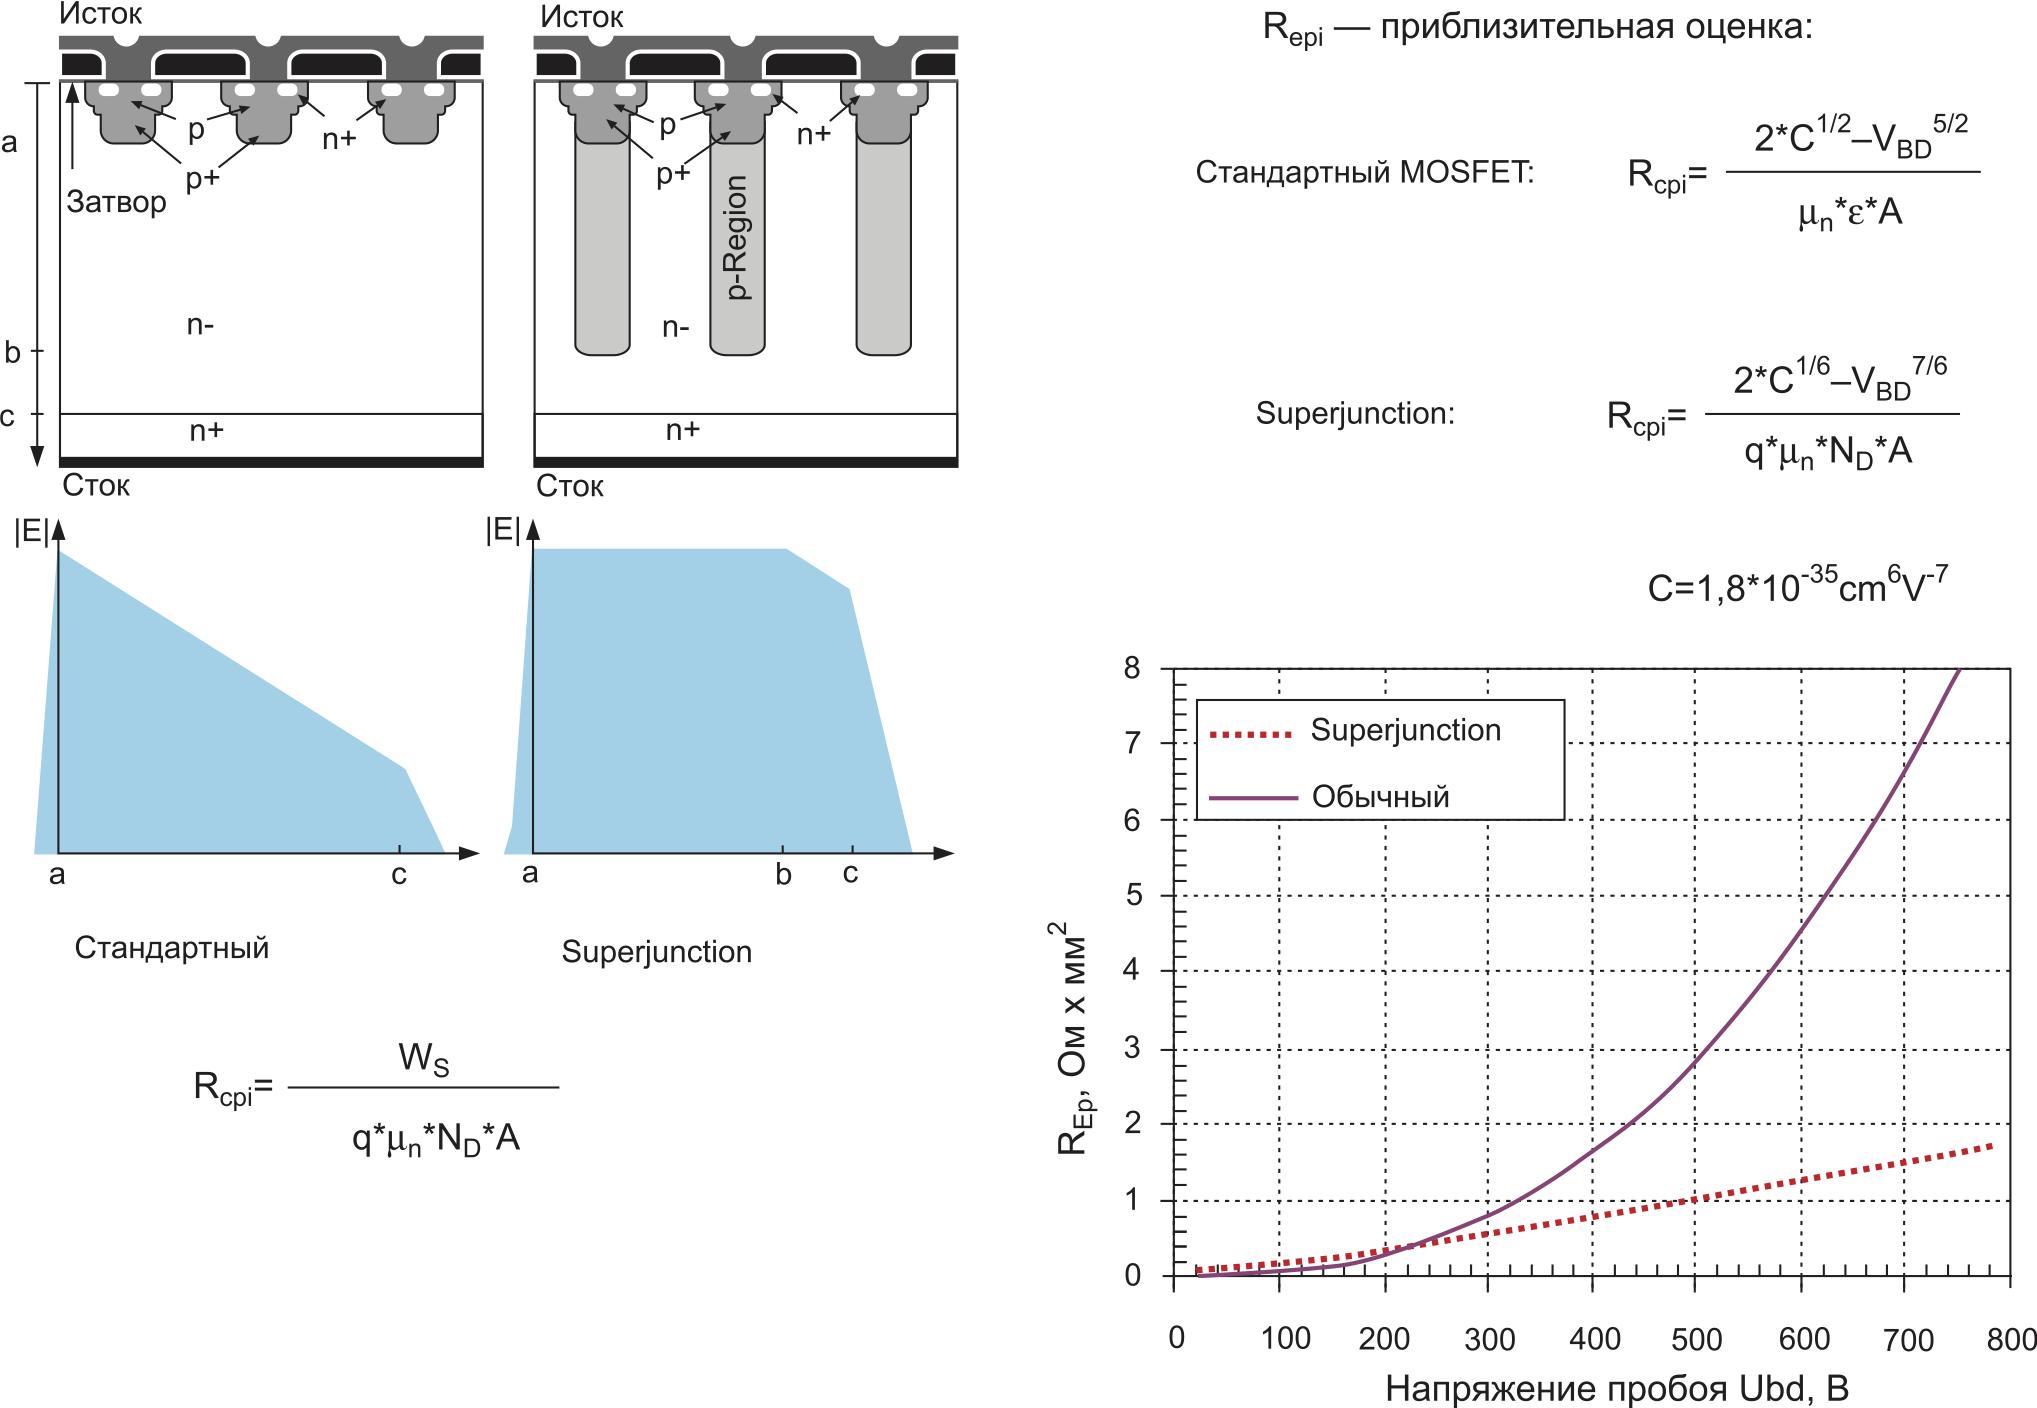 Сравнение стандартного и Superjunction MOSFET